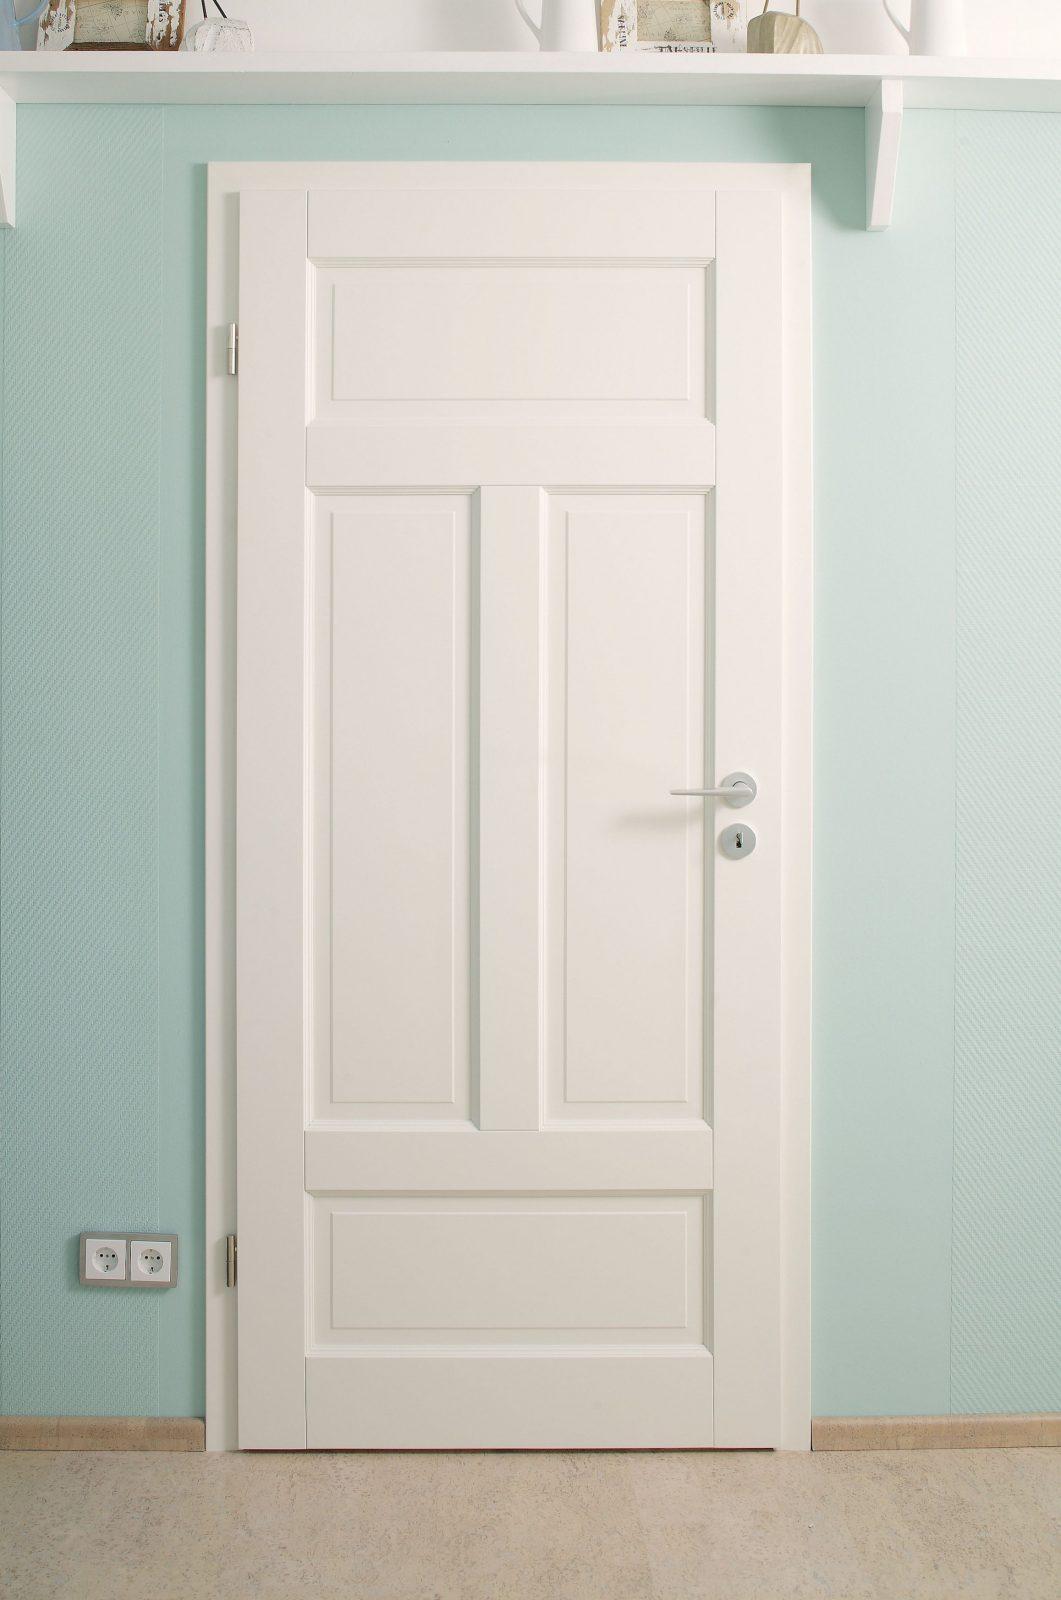 Zimmertüren  Güzel Fikir  Zimmertüren Zimmertüren Weiß Und Weiße von Glastür Mit Zarge Bauhaus Photo